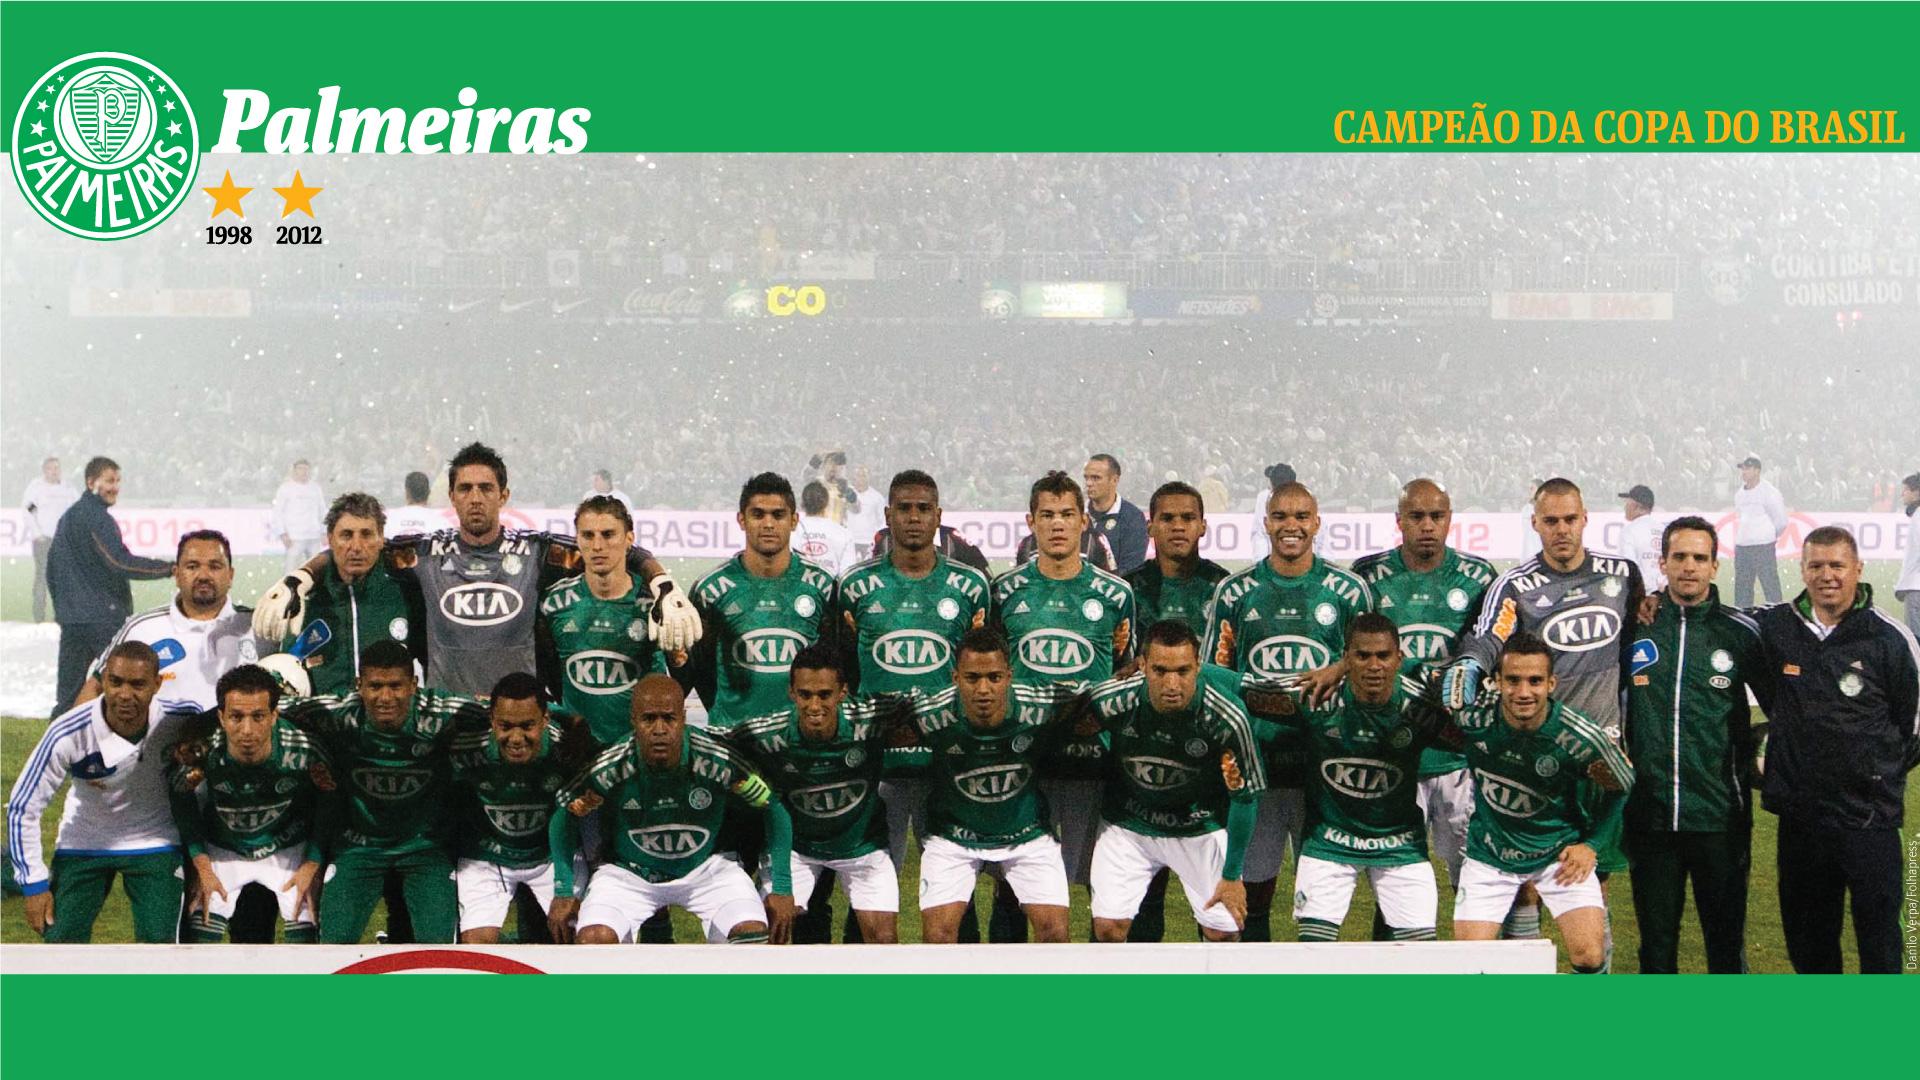 Wallpaper: Palmeiras Campeão da Copa do Brasil 2012 - 06